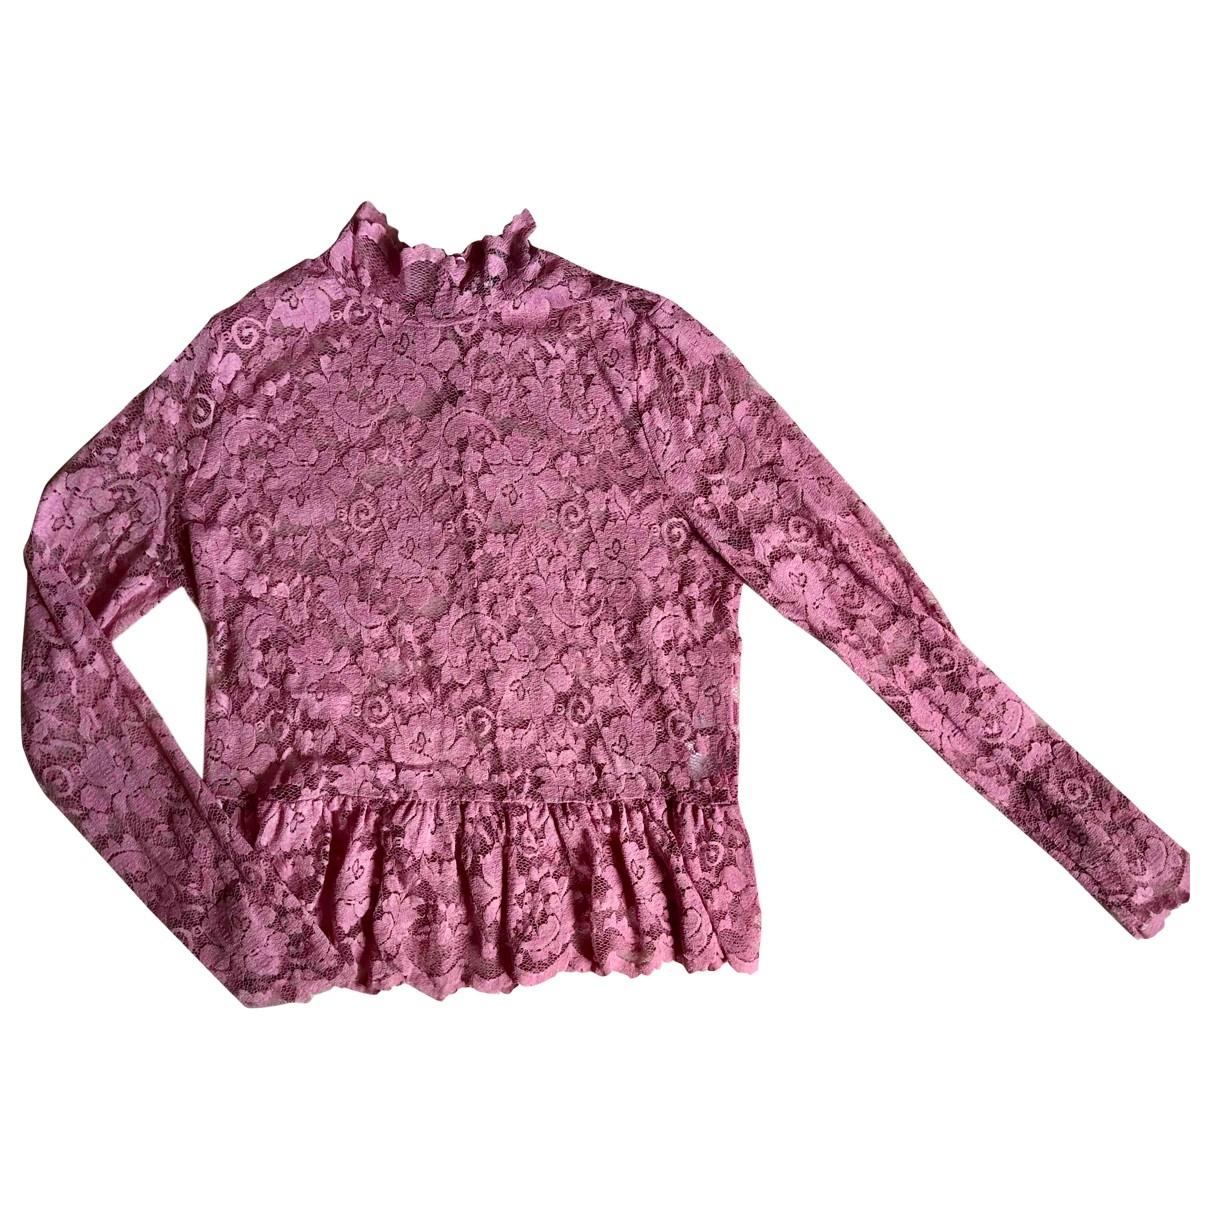 Ganni - Top   pour femme - rose